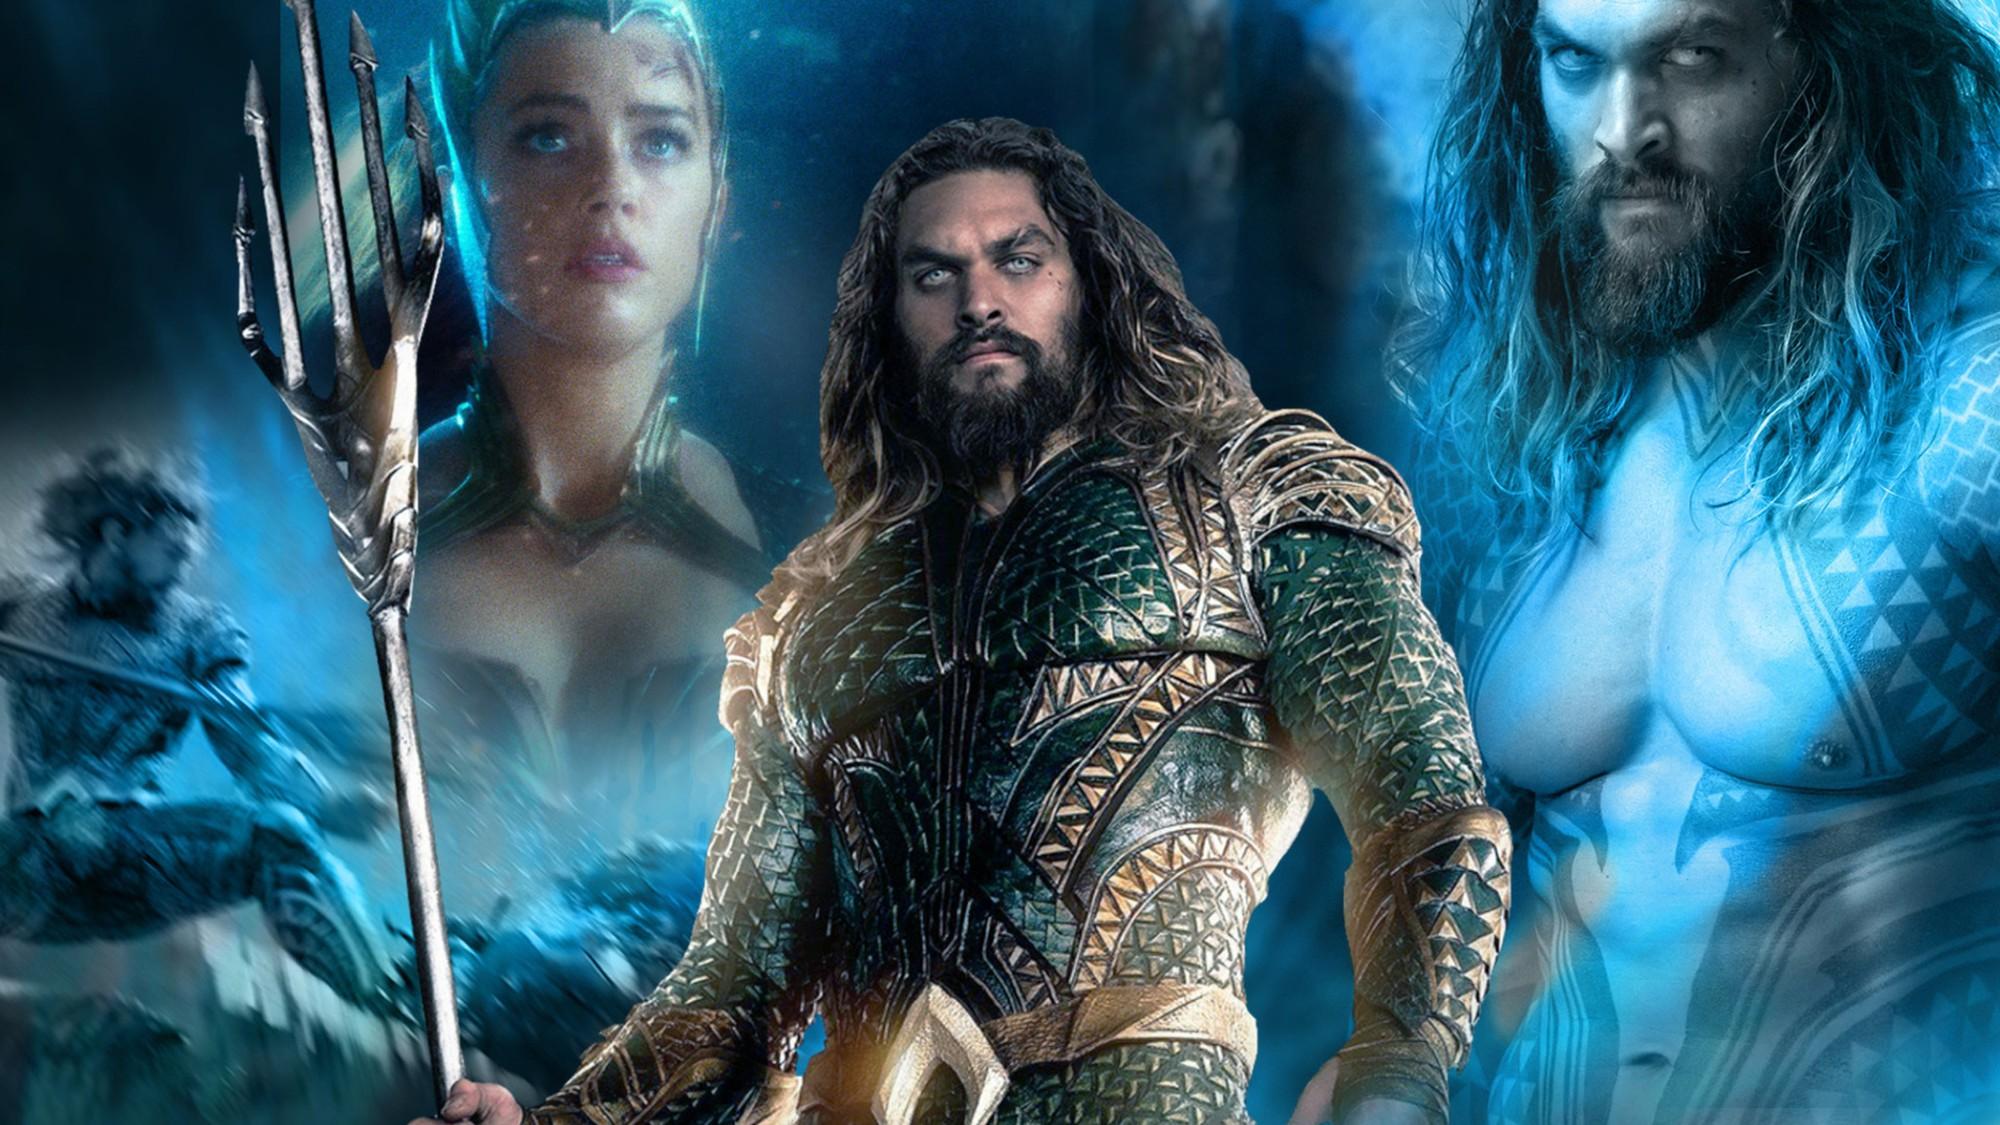 Thất Hải Chi Vương Aquaman: Hành trình từ chàng thanh niên bị coi thường tới Bá chủ biển cả - Ảnh 39.